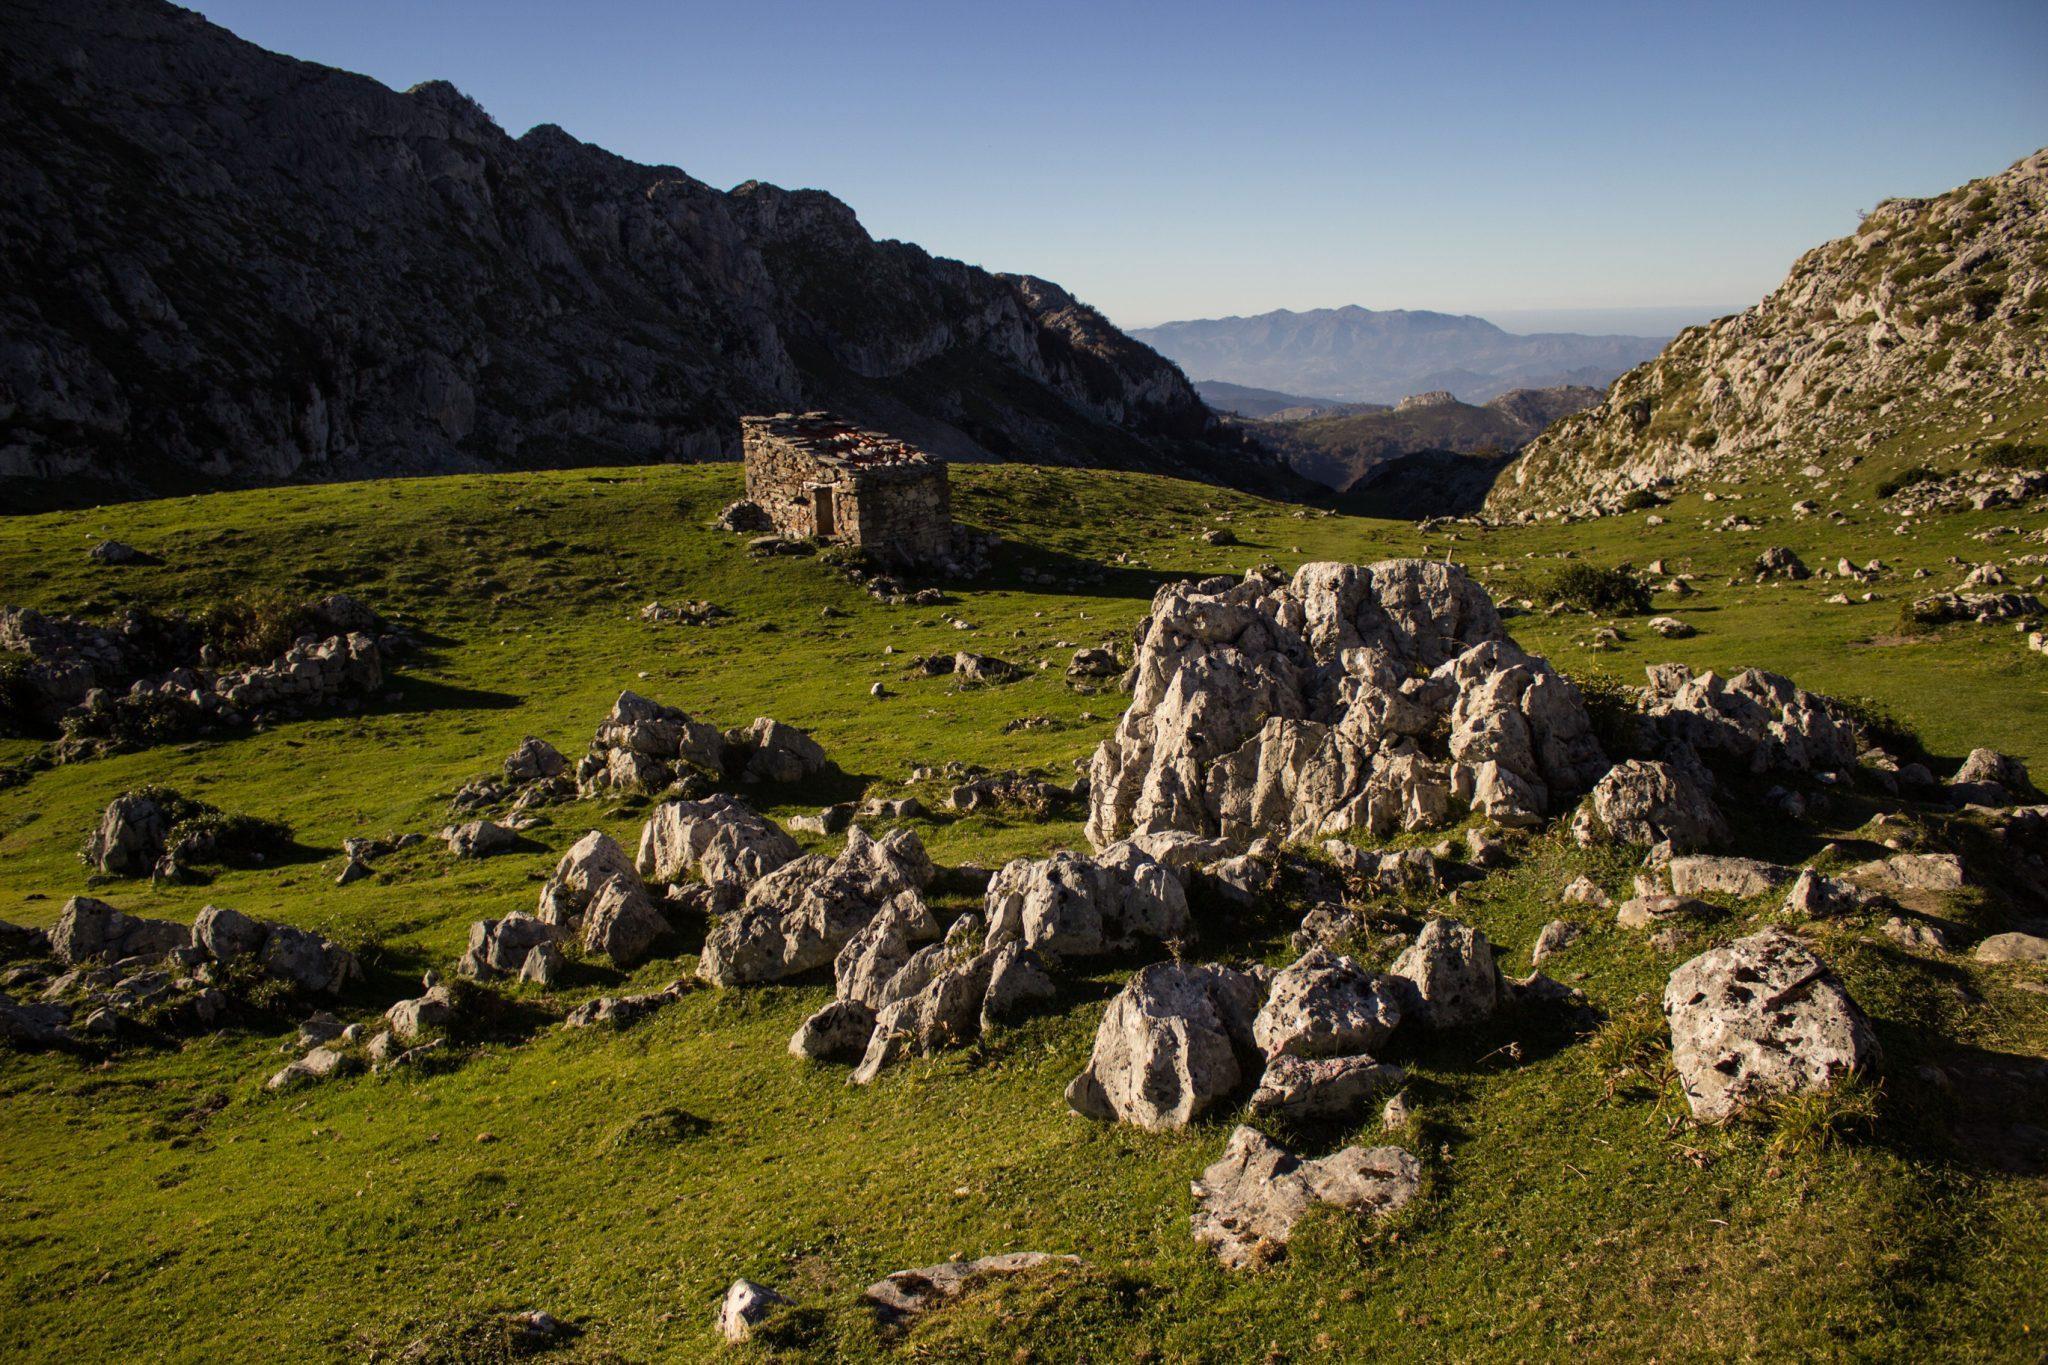 Wanderung Mirador de Ordiales Picos de Europa Spanien, schöner sehr schmaler und einsamer Wanderweg in Bergregion, Felsen und zerklüftete Steine, saftig grüne Wiesen, Nationalpark im Norden Spaniens